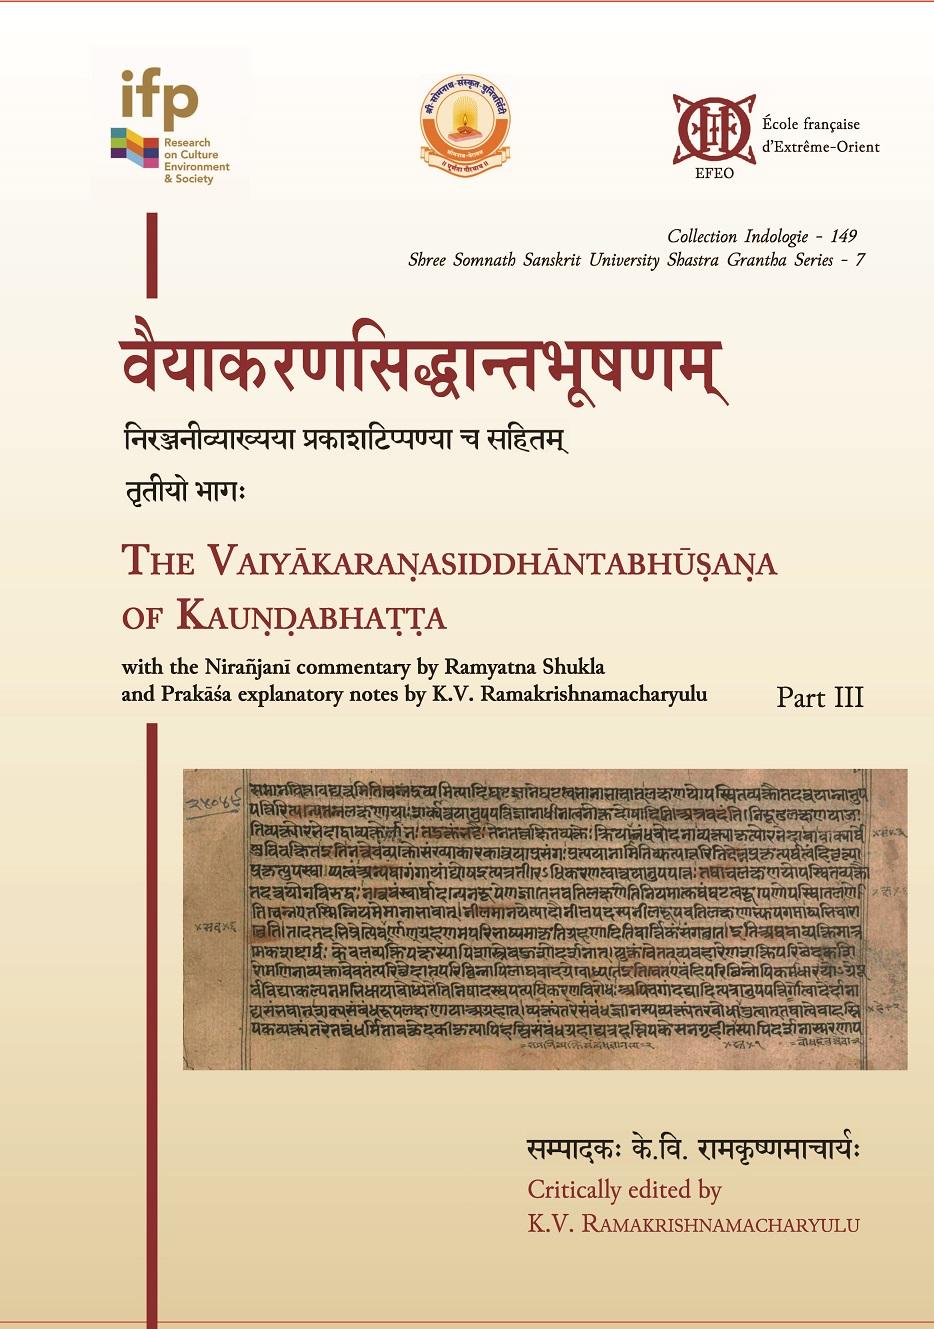 Vaiyakaranasiddhantabhusanam: The Vaiyakaranasiddh…